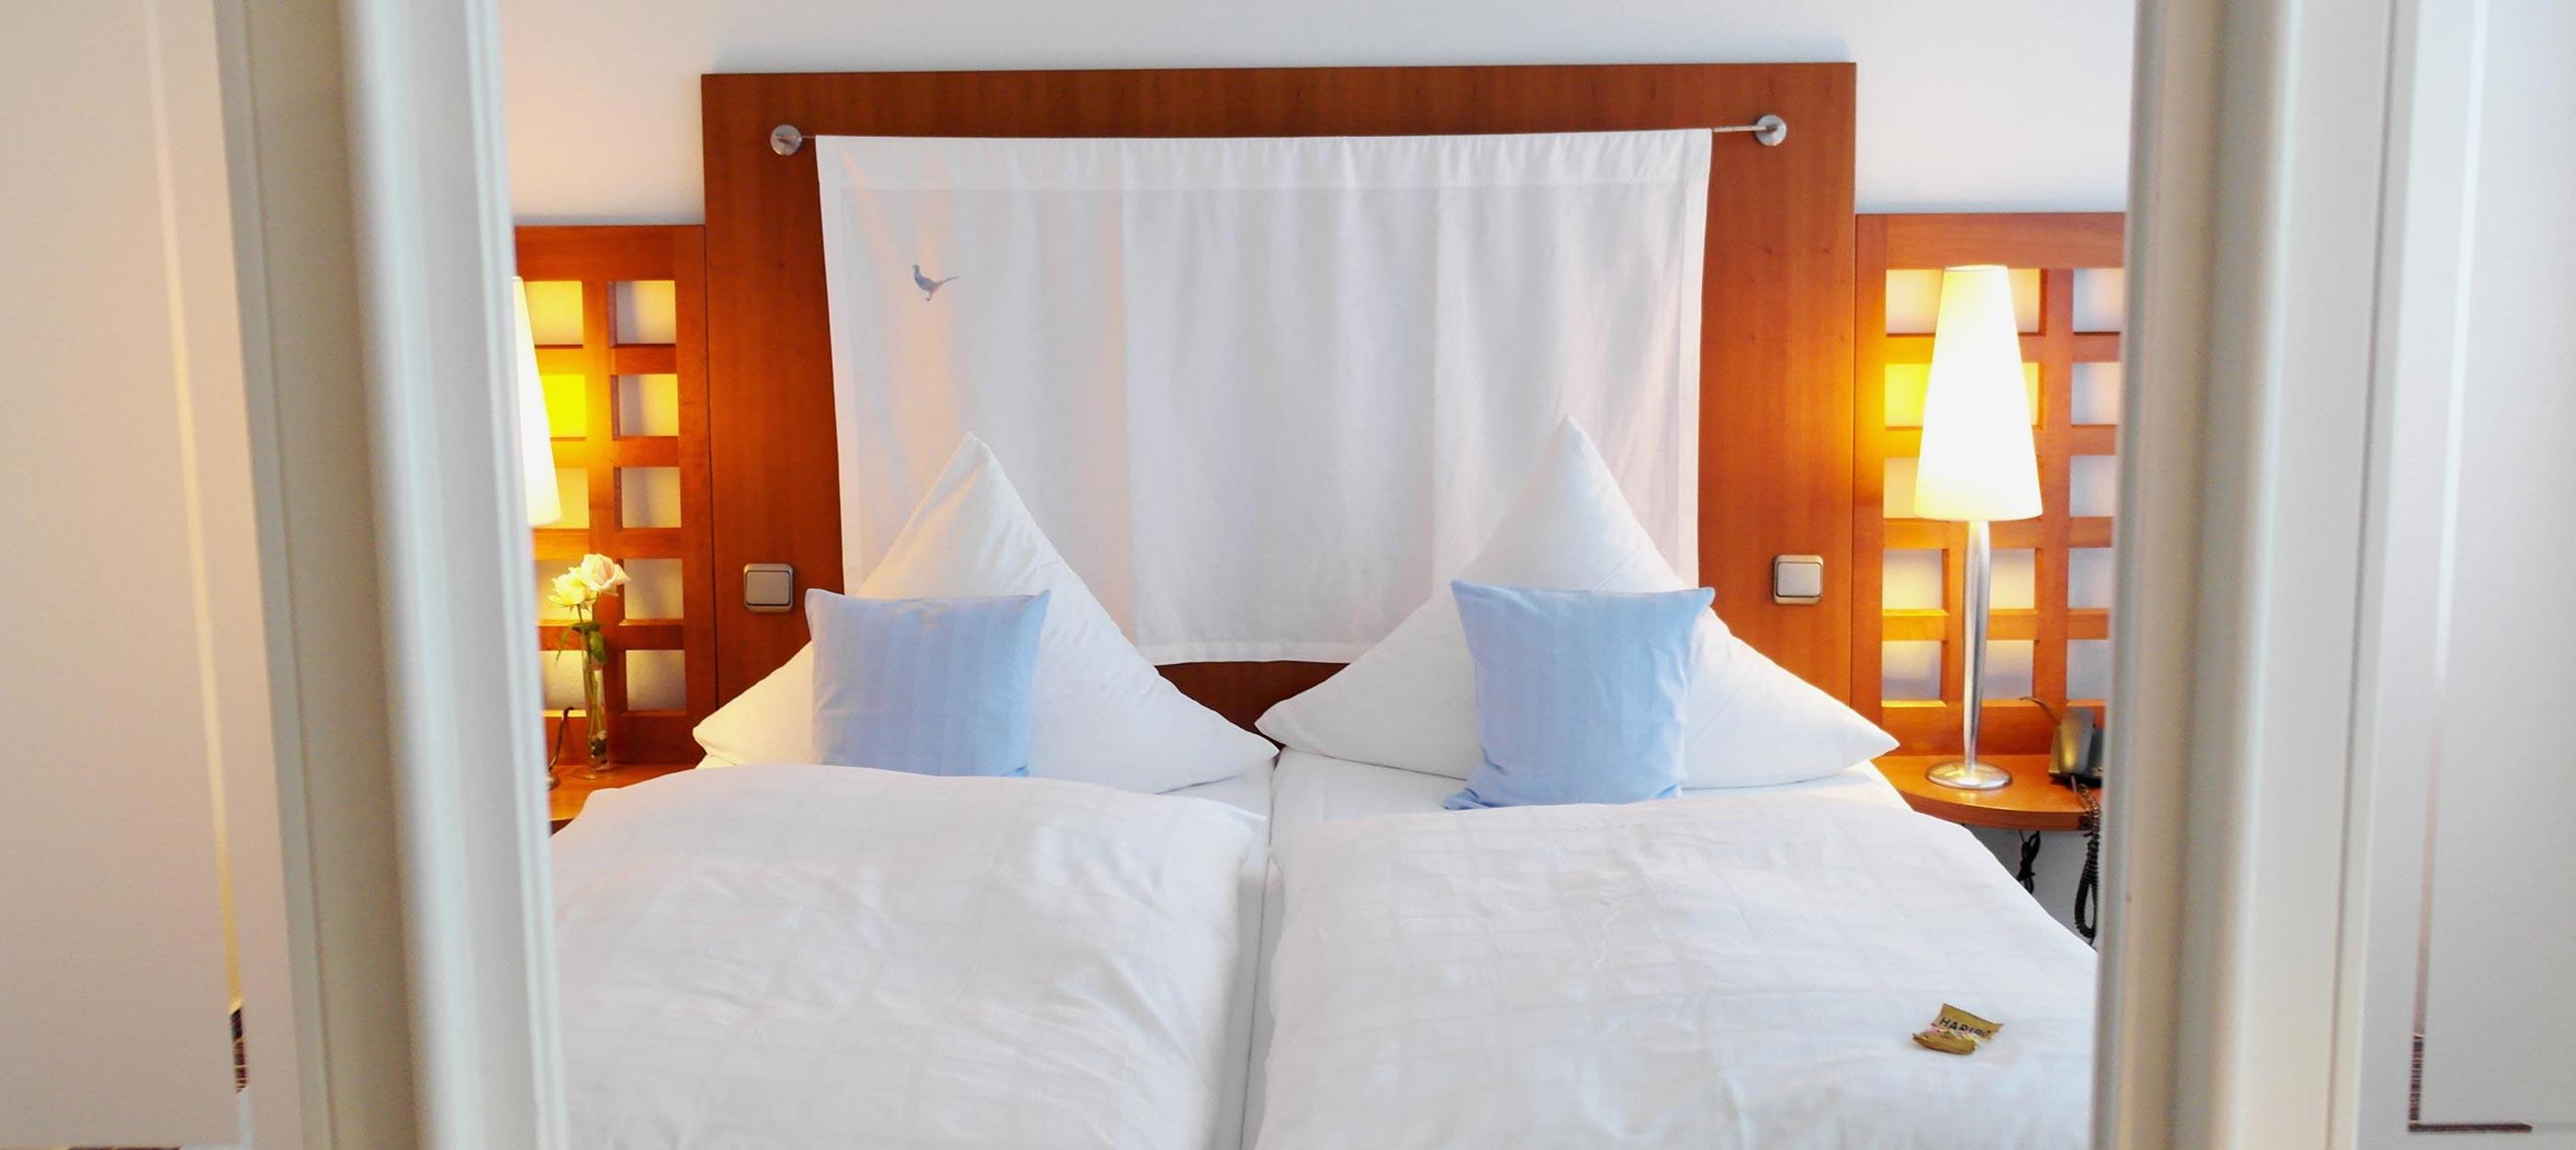 hotel-js-deluxe-n-bett